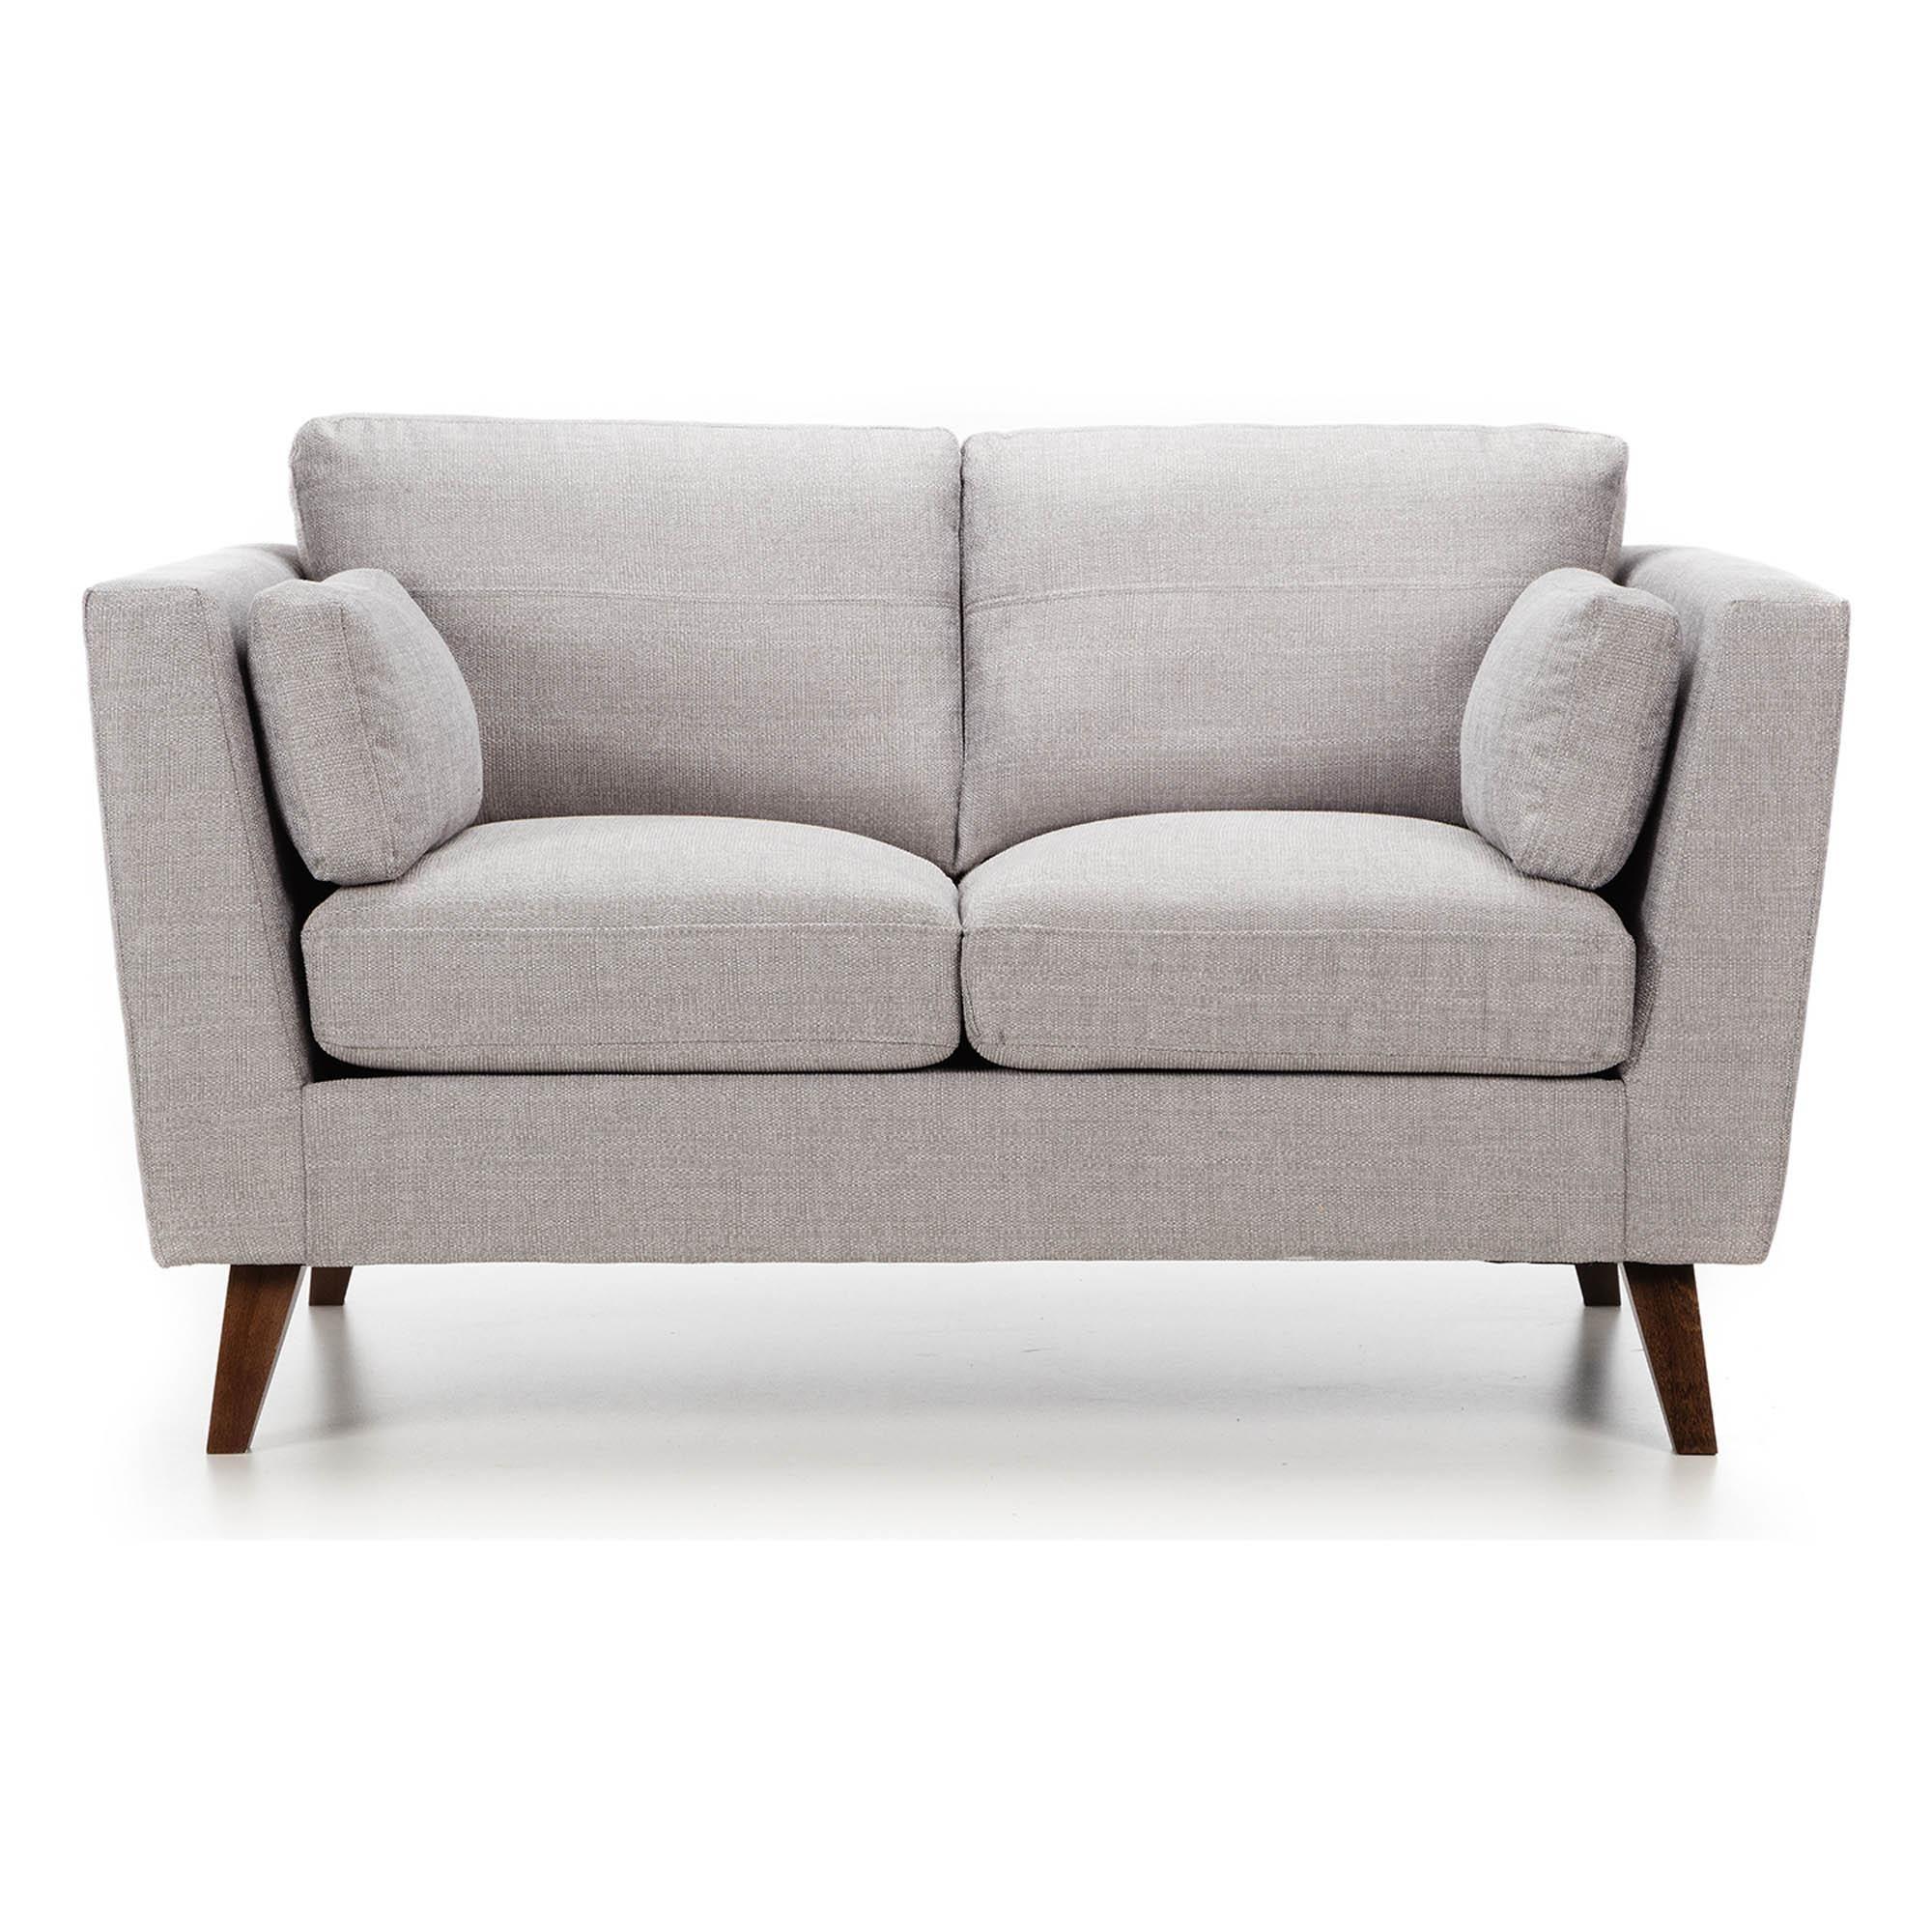 Dunelm Sam Silver Fabric 2 Seater Sofa 2 Seater Sofa Seater Sofa Sofa Next